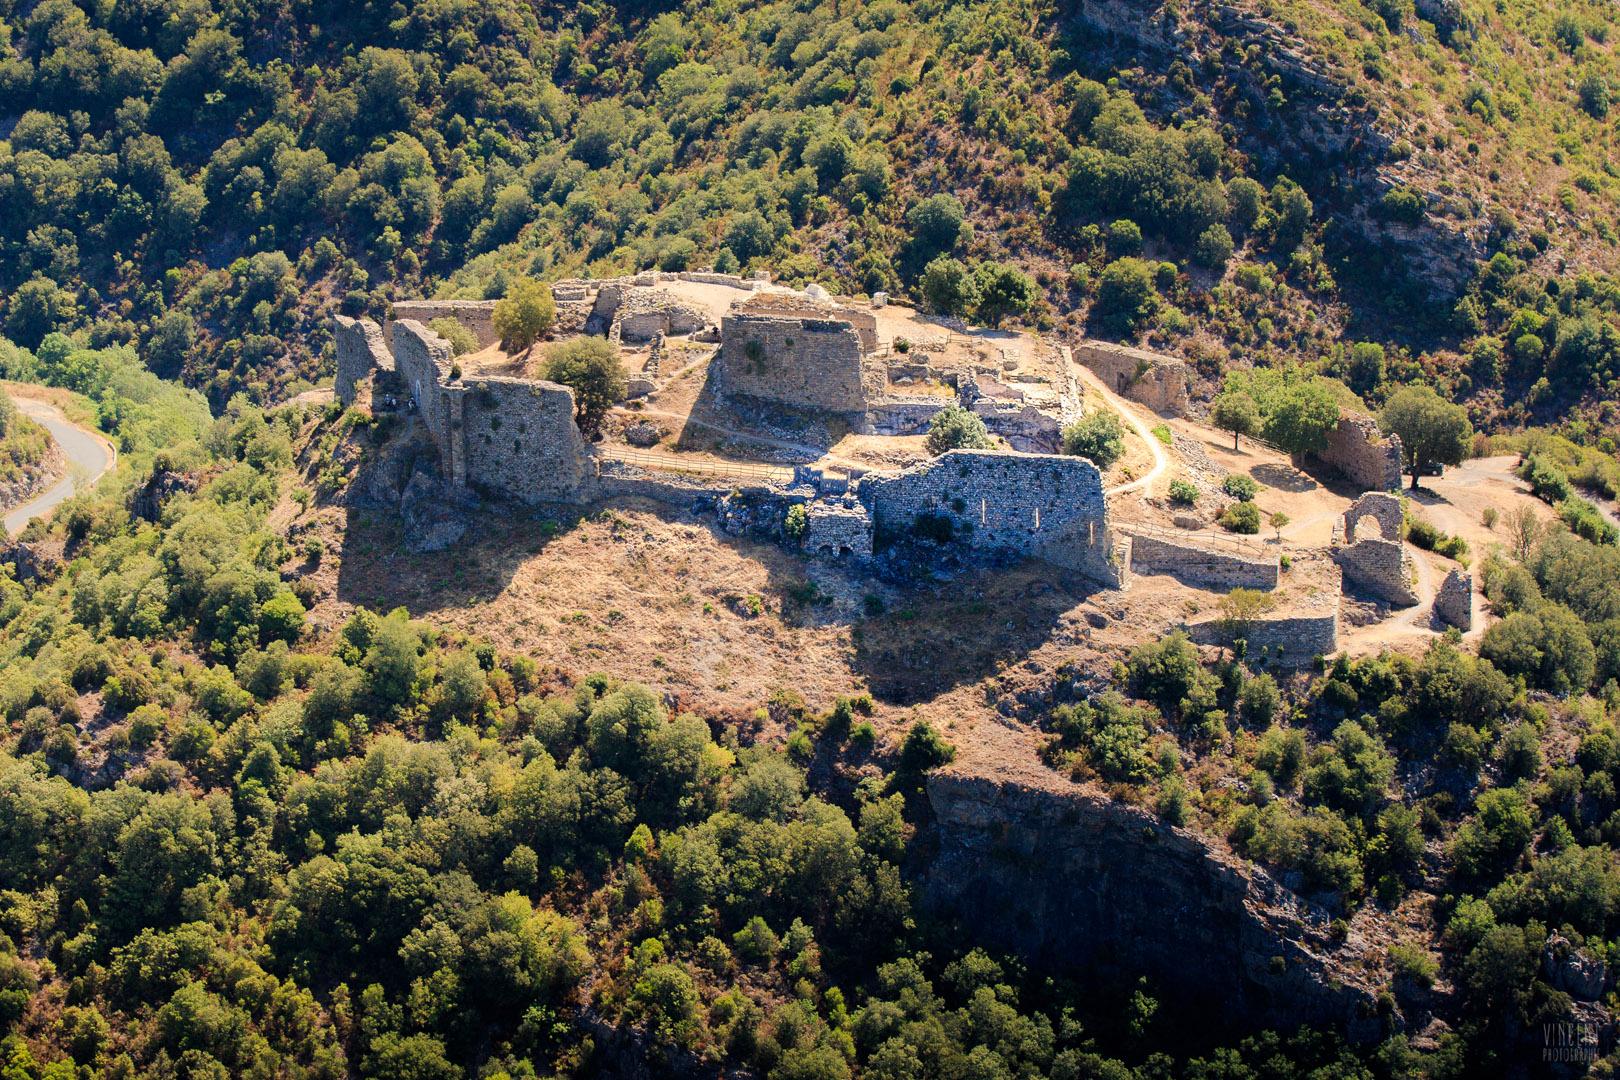 Malgré la démolition à l'explosif du château au XVIIe siècle, les travaux des archéologues ont permis d'identifier l'organisation générale de la forteresse, dont les vestiges royaux (XIIIe siècle) cohabitent avec ceux de l'ancien château seigneurial (XIe-XIIe siècles).